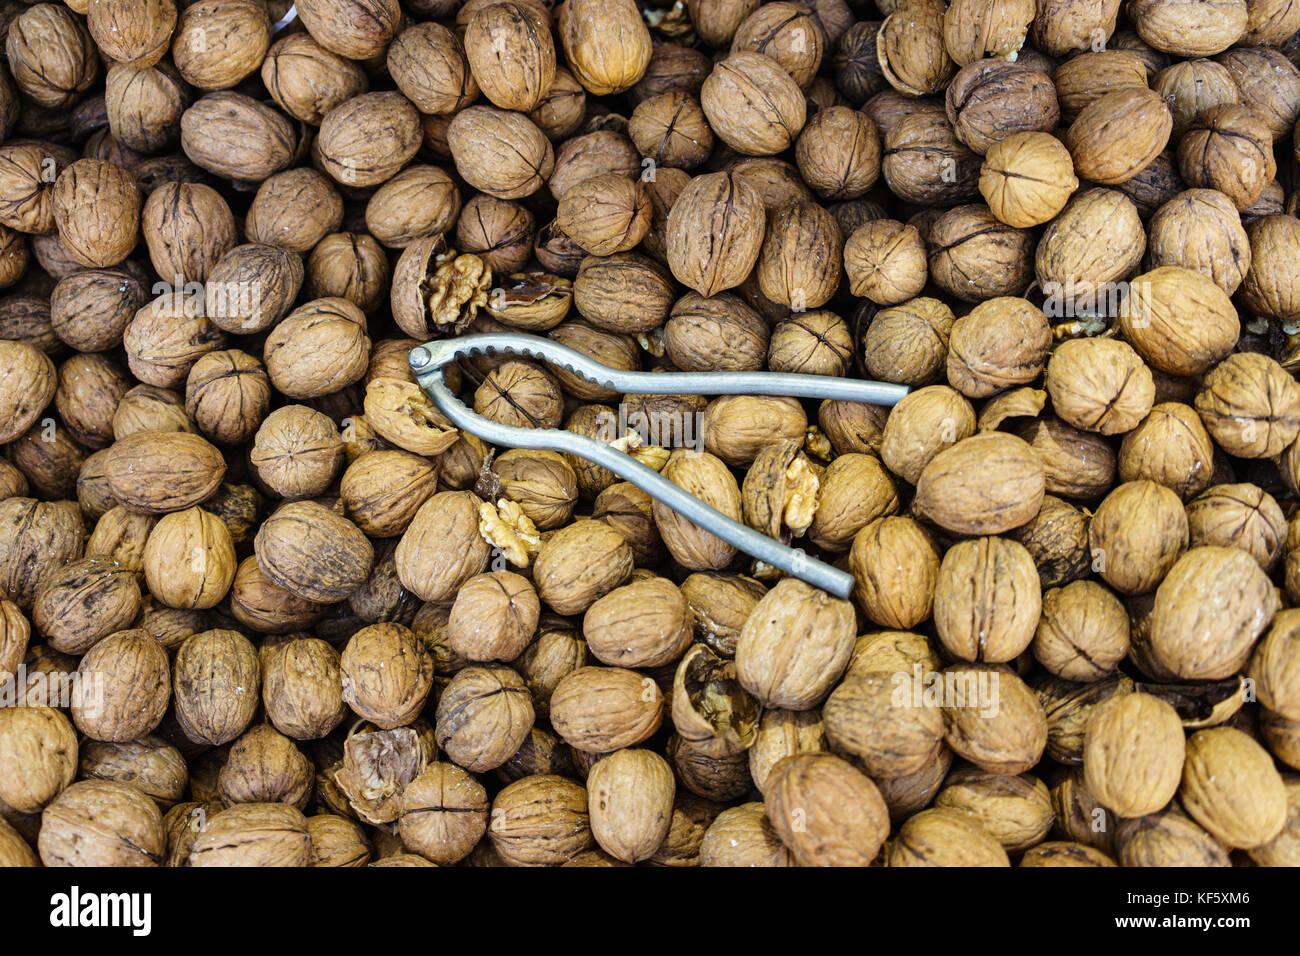 Las nueces y el Cracker full frame con nueces Imagen De Stock